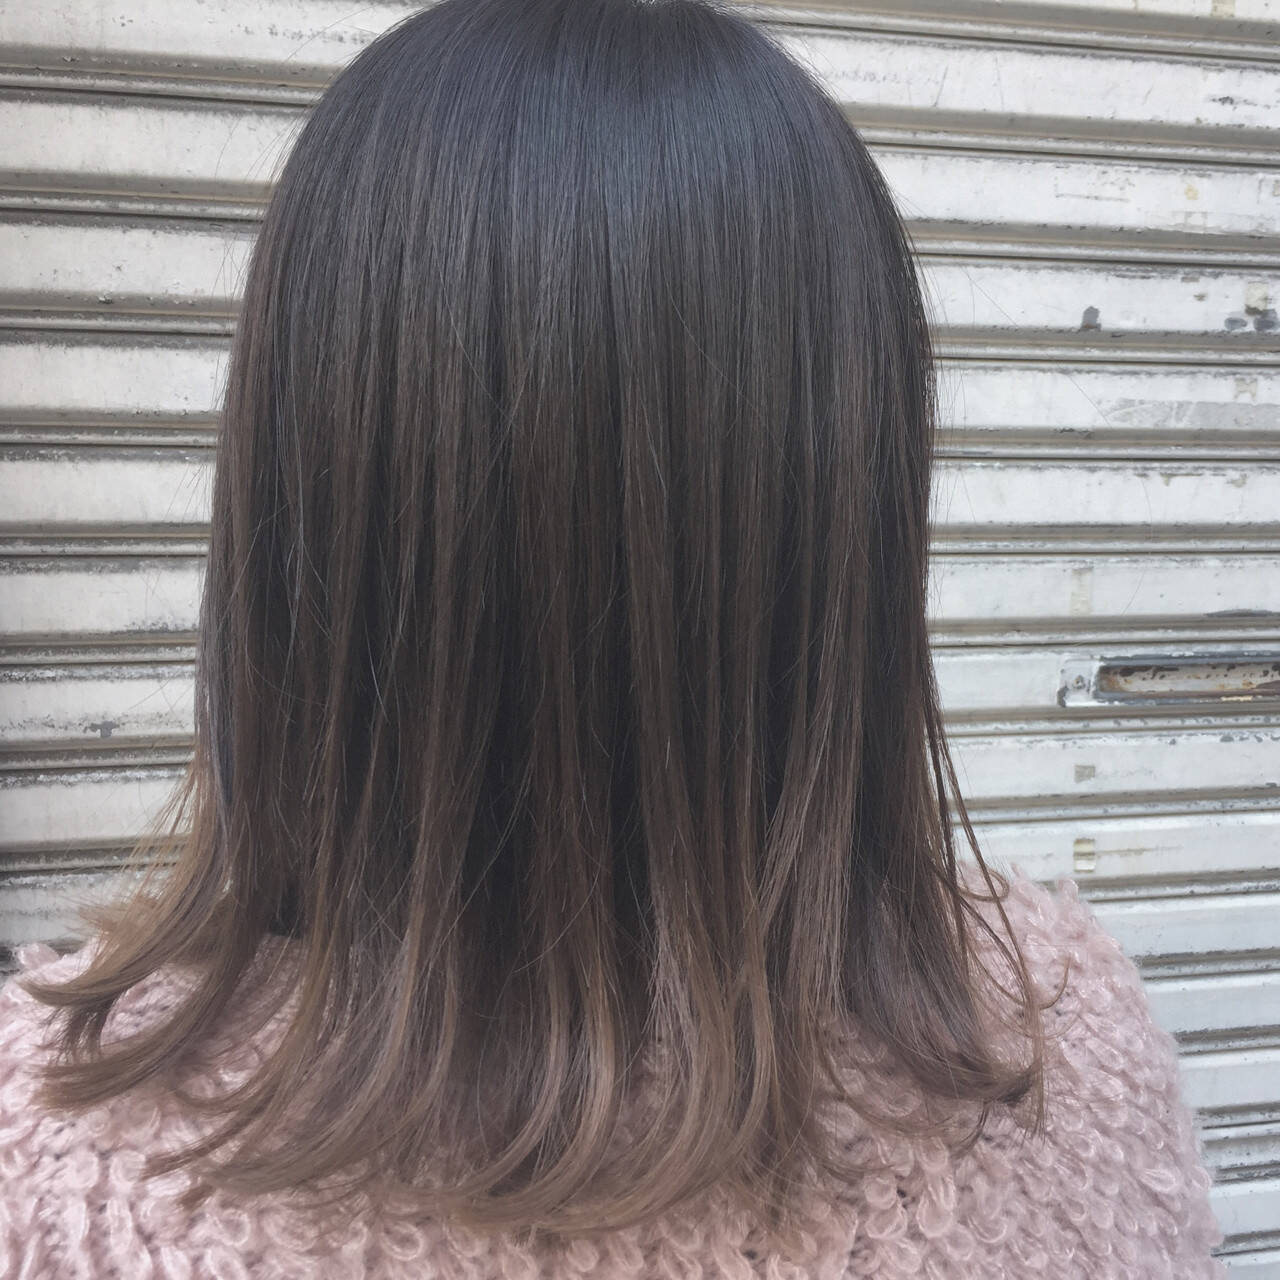 ボブ グラデーションカラー アッシュ 暗髪ヘアスタイルや髪型の写真・画像